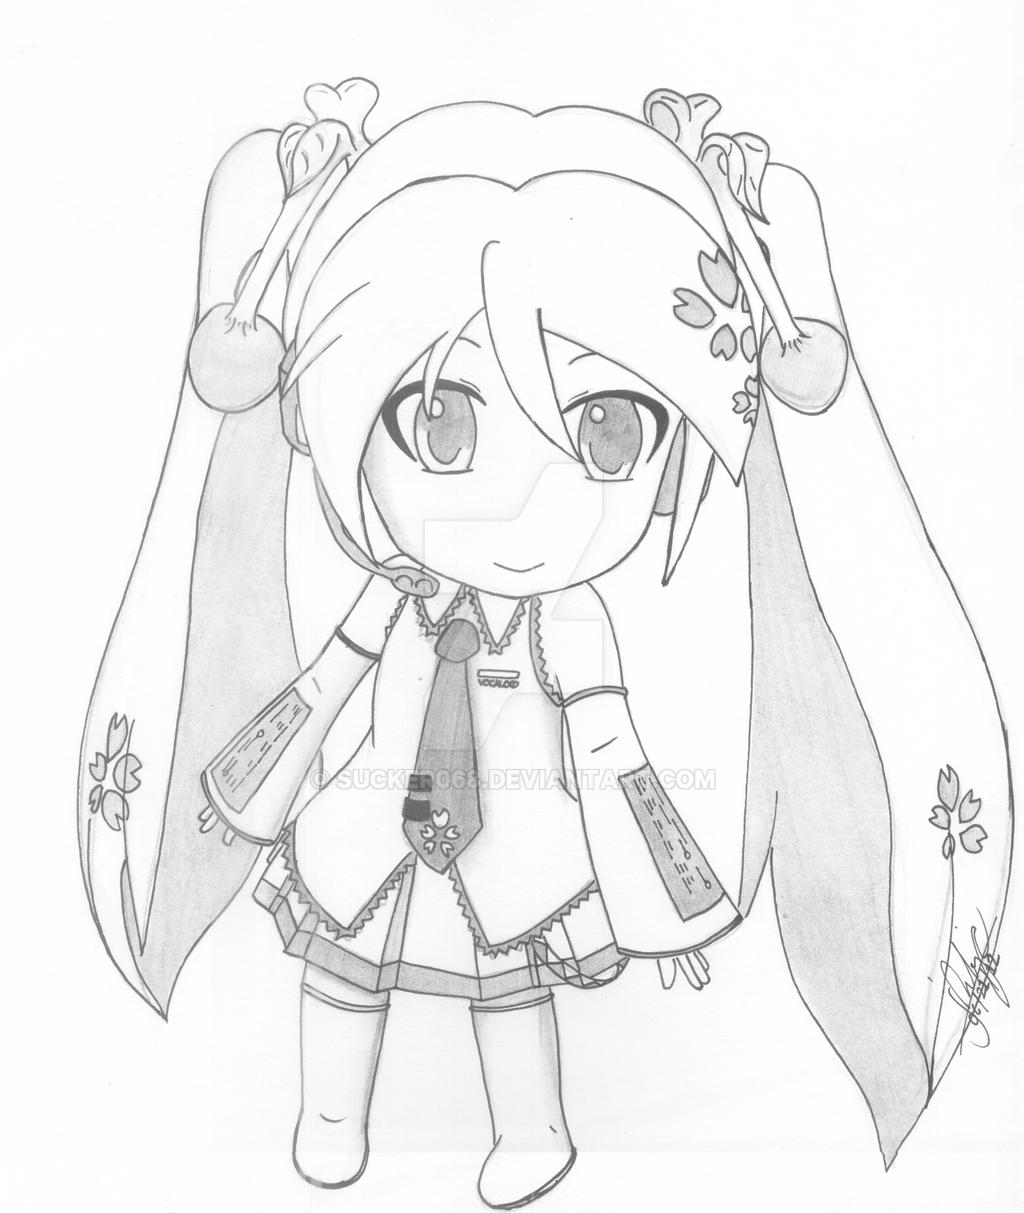 Nendoroid Sakura Miku by sucker068